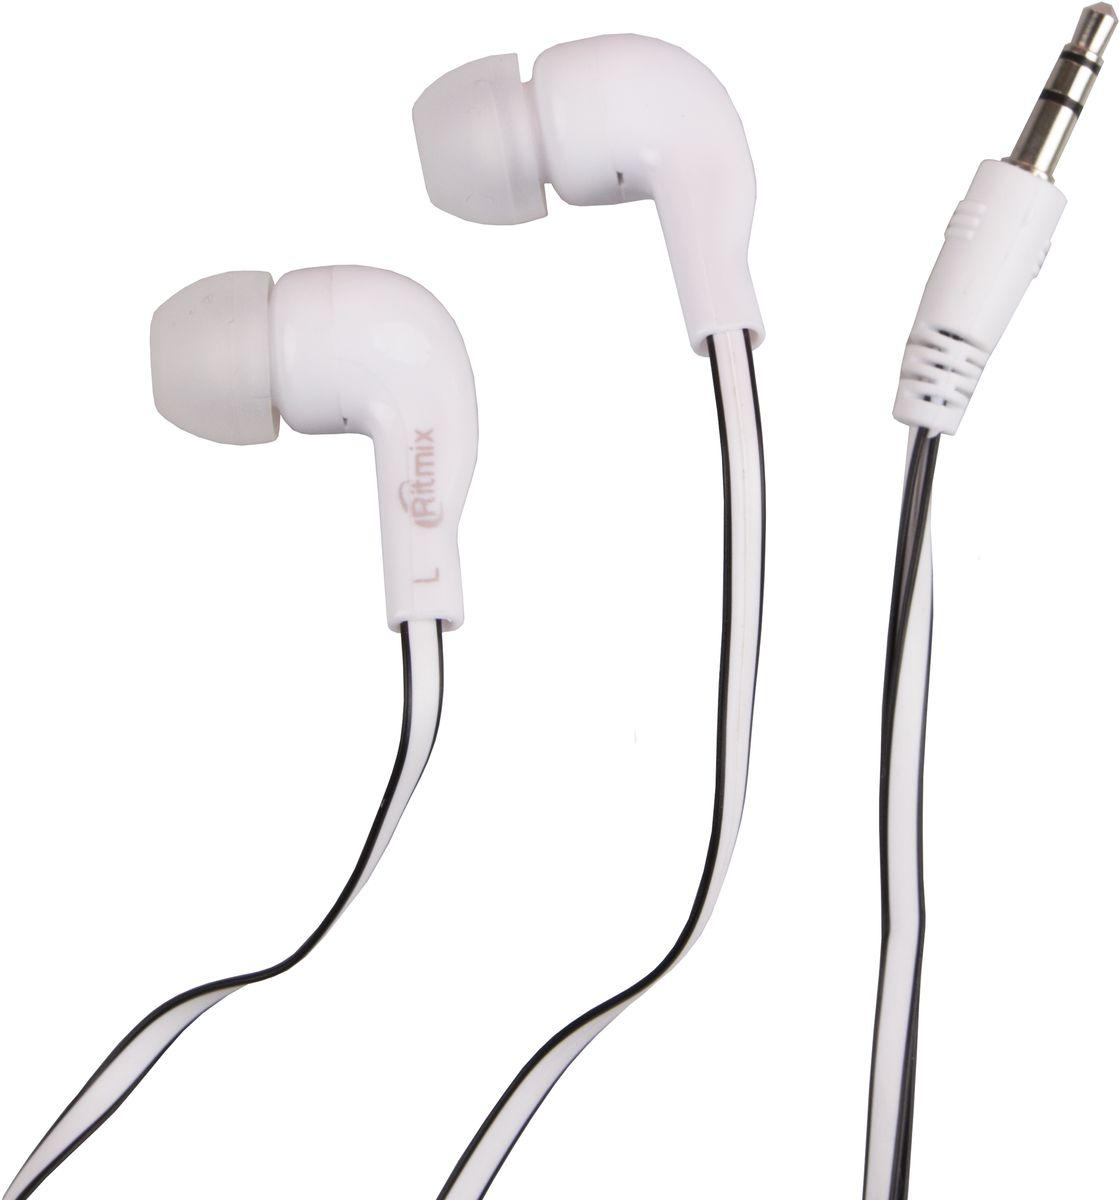 Ritmix RH-004, White наушники15119171Ritmix RH-004M - это портативные наушники-вкладыши с плоским кабелем. Предназначены для использования с телефонами, планшетами и MP3-плеерами. В комплекте имеются дополнительные амбушюры. Модель представлена в трёх цветах: чёрном, белом и кофейном.